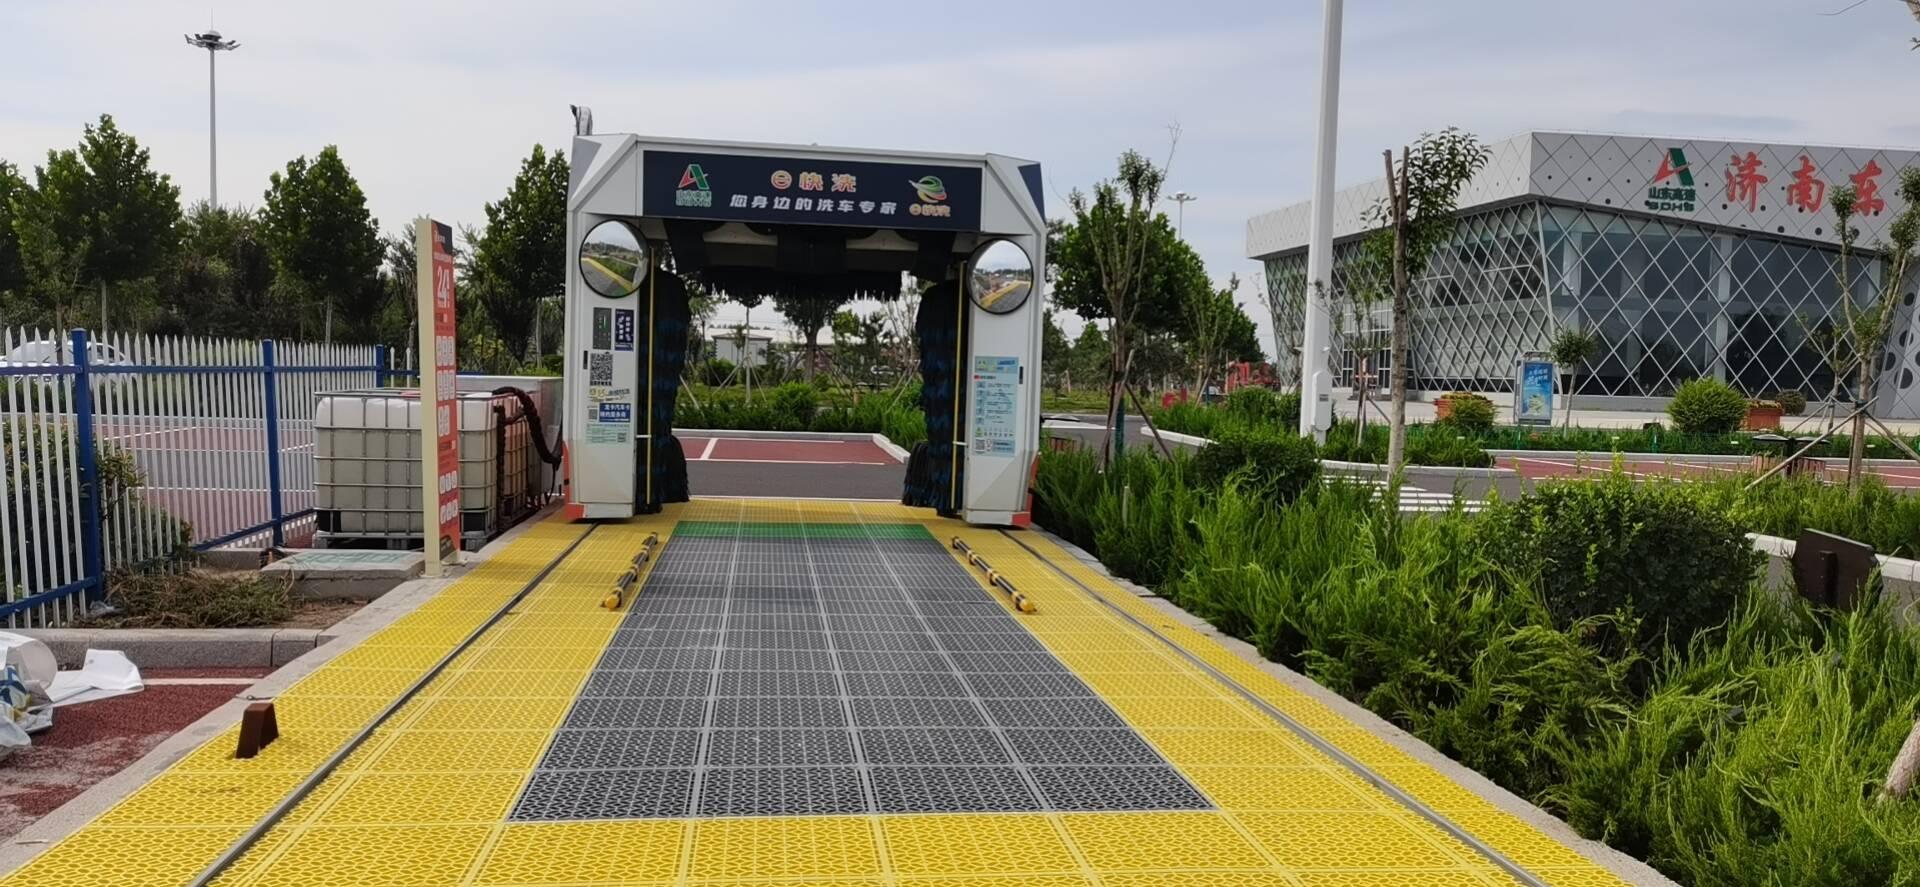 首届中国高速公路服务区汽车服务论坛在济南召开